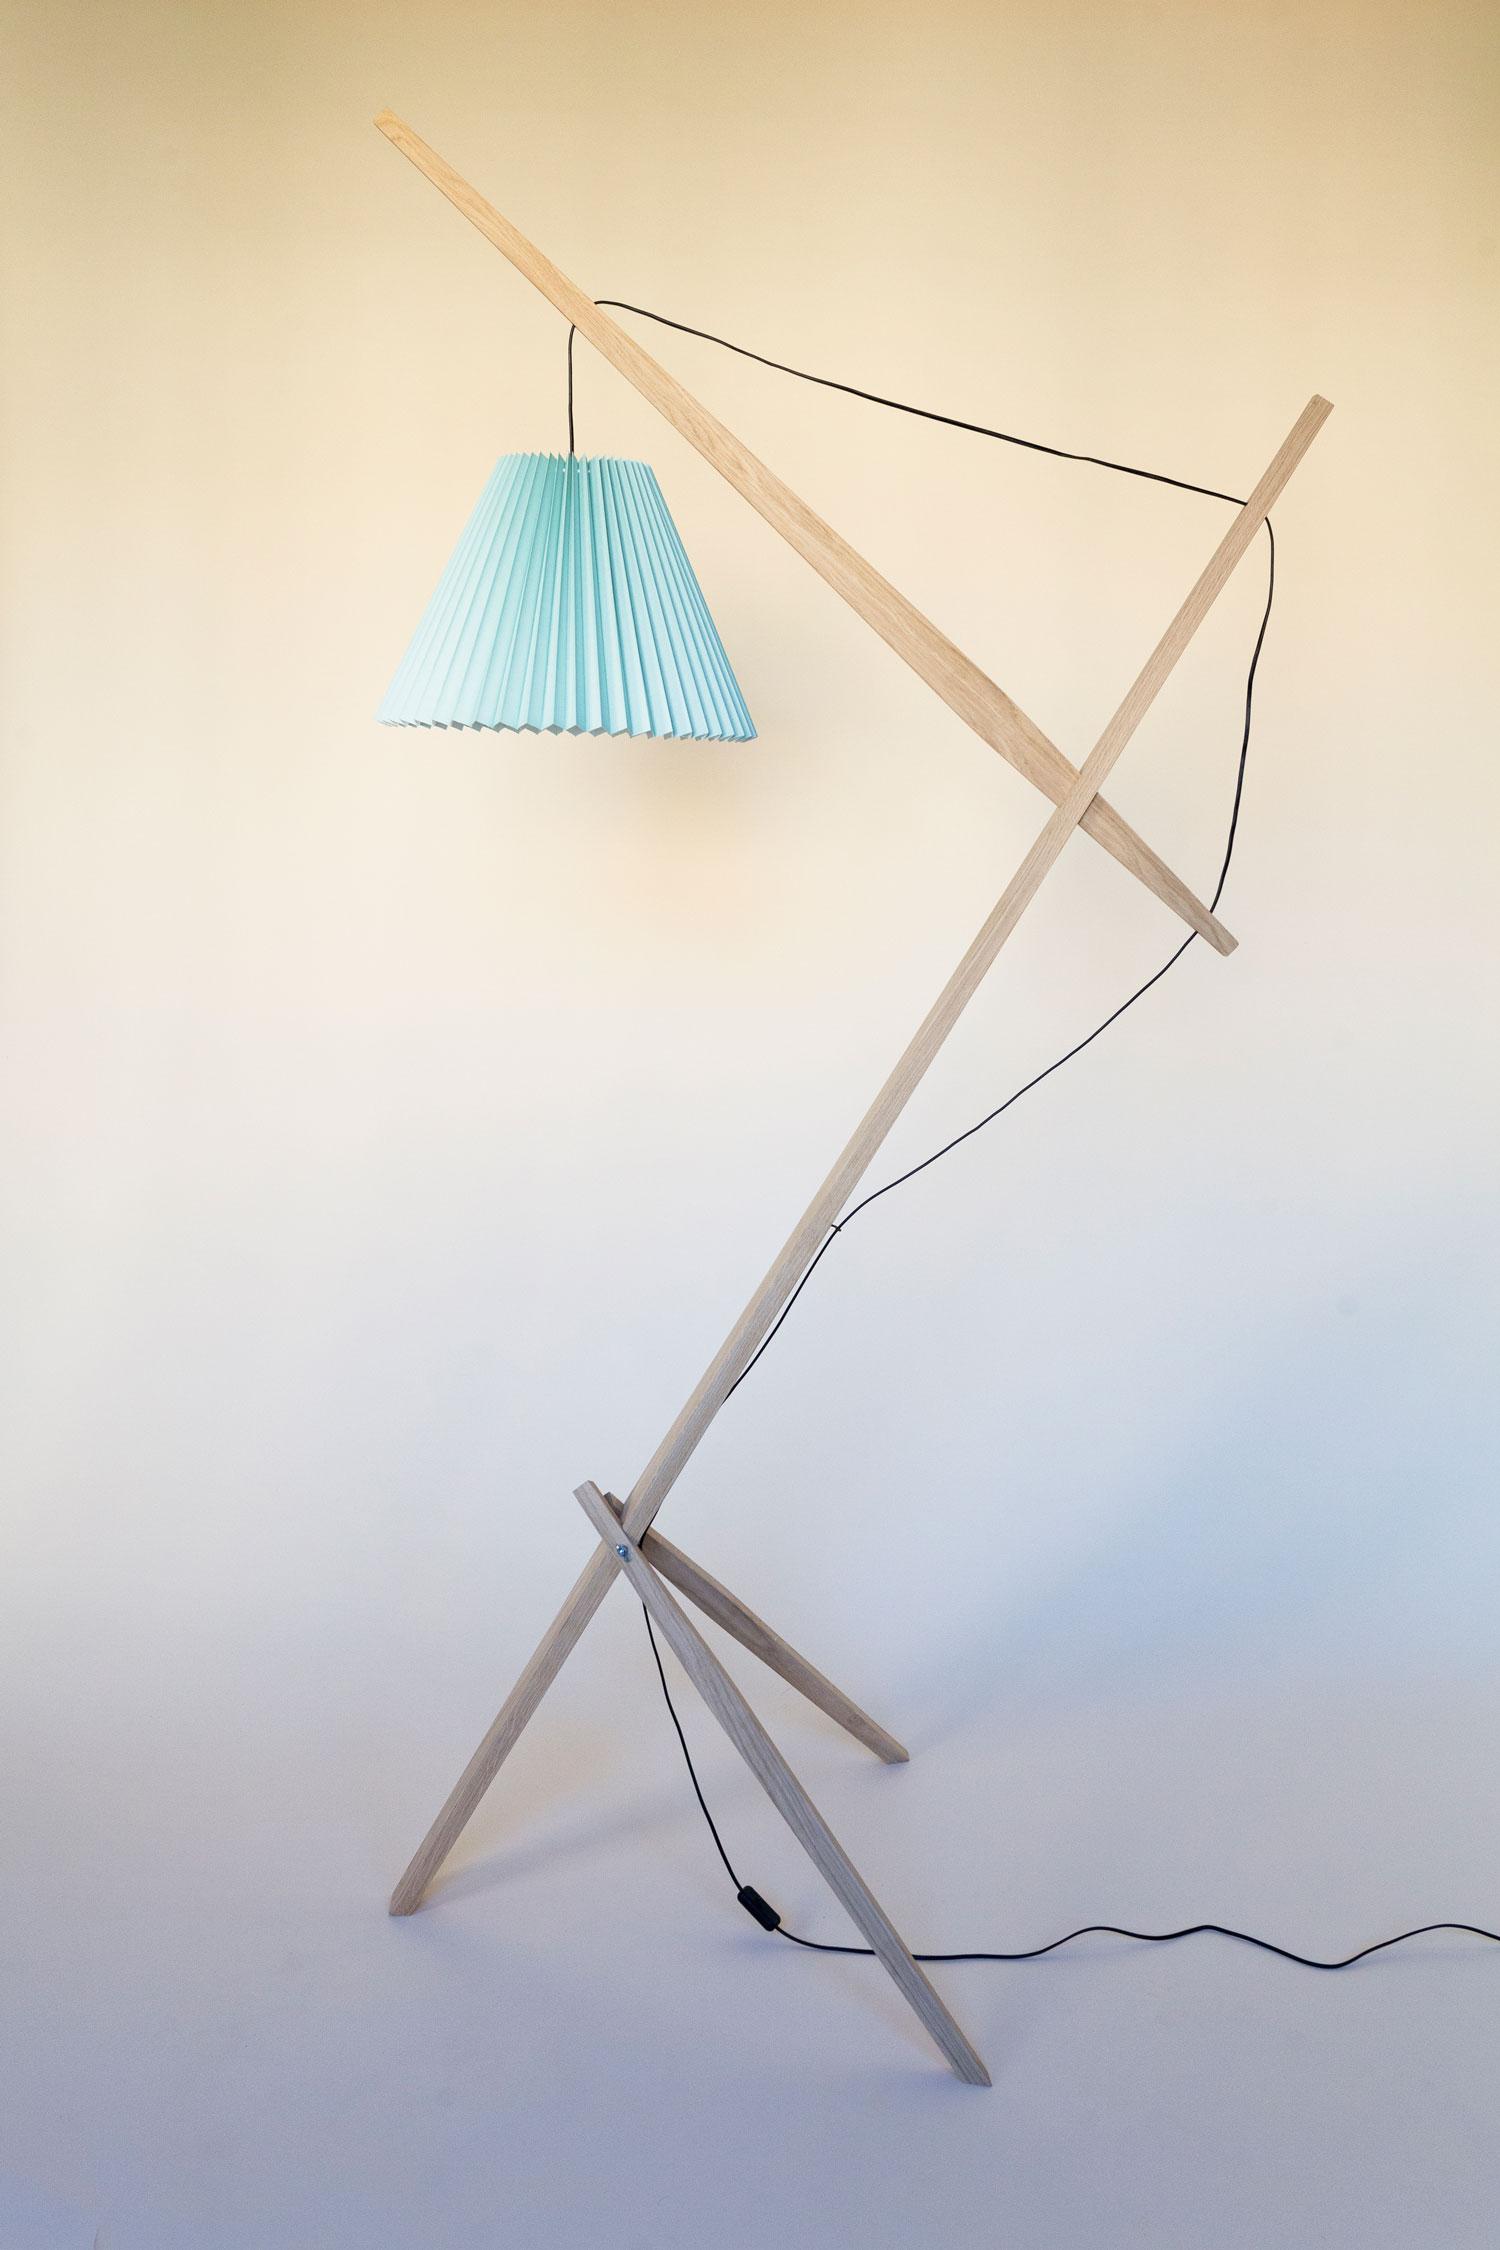 Gulvlampe kaldet Rosa lamp består af en trækonstruktion i dansk FSC-mærket eg fra et savværk i Enderslev, mens lampeskærmen i grøn – Gert lampshade – er produceret på en dansk familieejet lampefabrik. Lampen har et højt og lidt ranglet design, der måske kan skabe associationer til en giraf eller en gammel dame. Designet er let og elegant og med et fokus på ledningen, som i designs oftest gemmes væk. Rosa lanceres med 4 forskellige skærmfarver i smukke pastelagtige farver nemlig blå, mint, salmon og hvid.